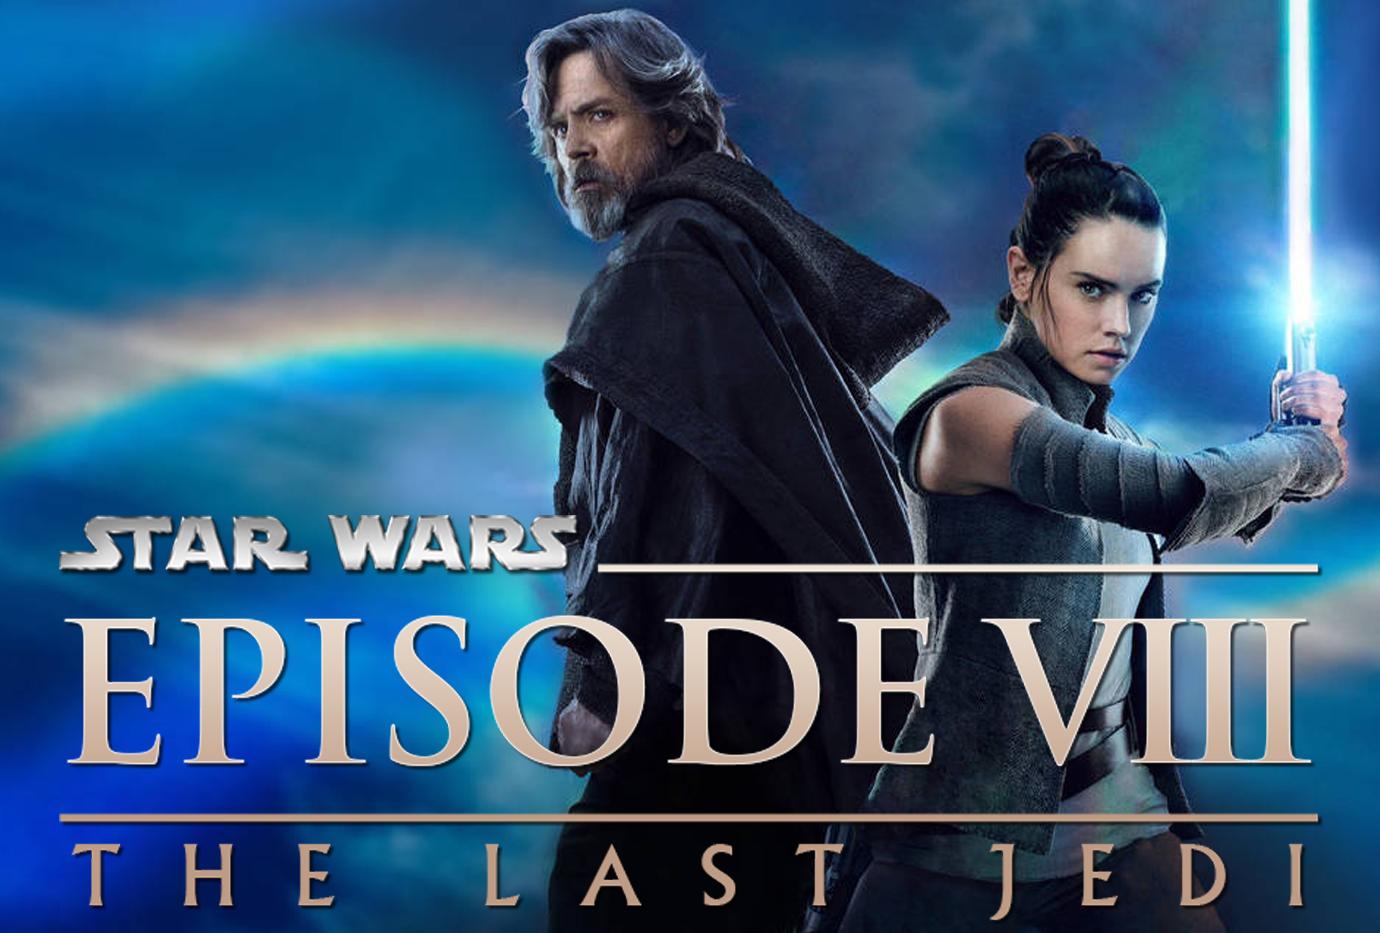 star-wars_the-last-jedi-series_ls-01.png